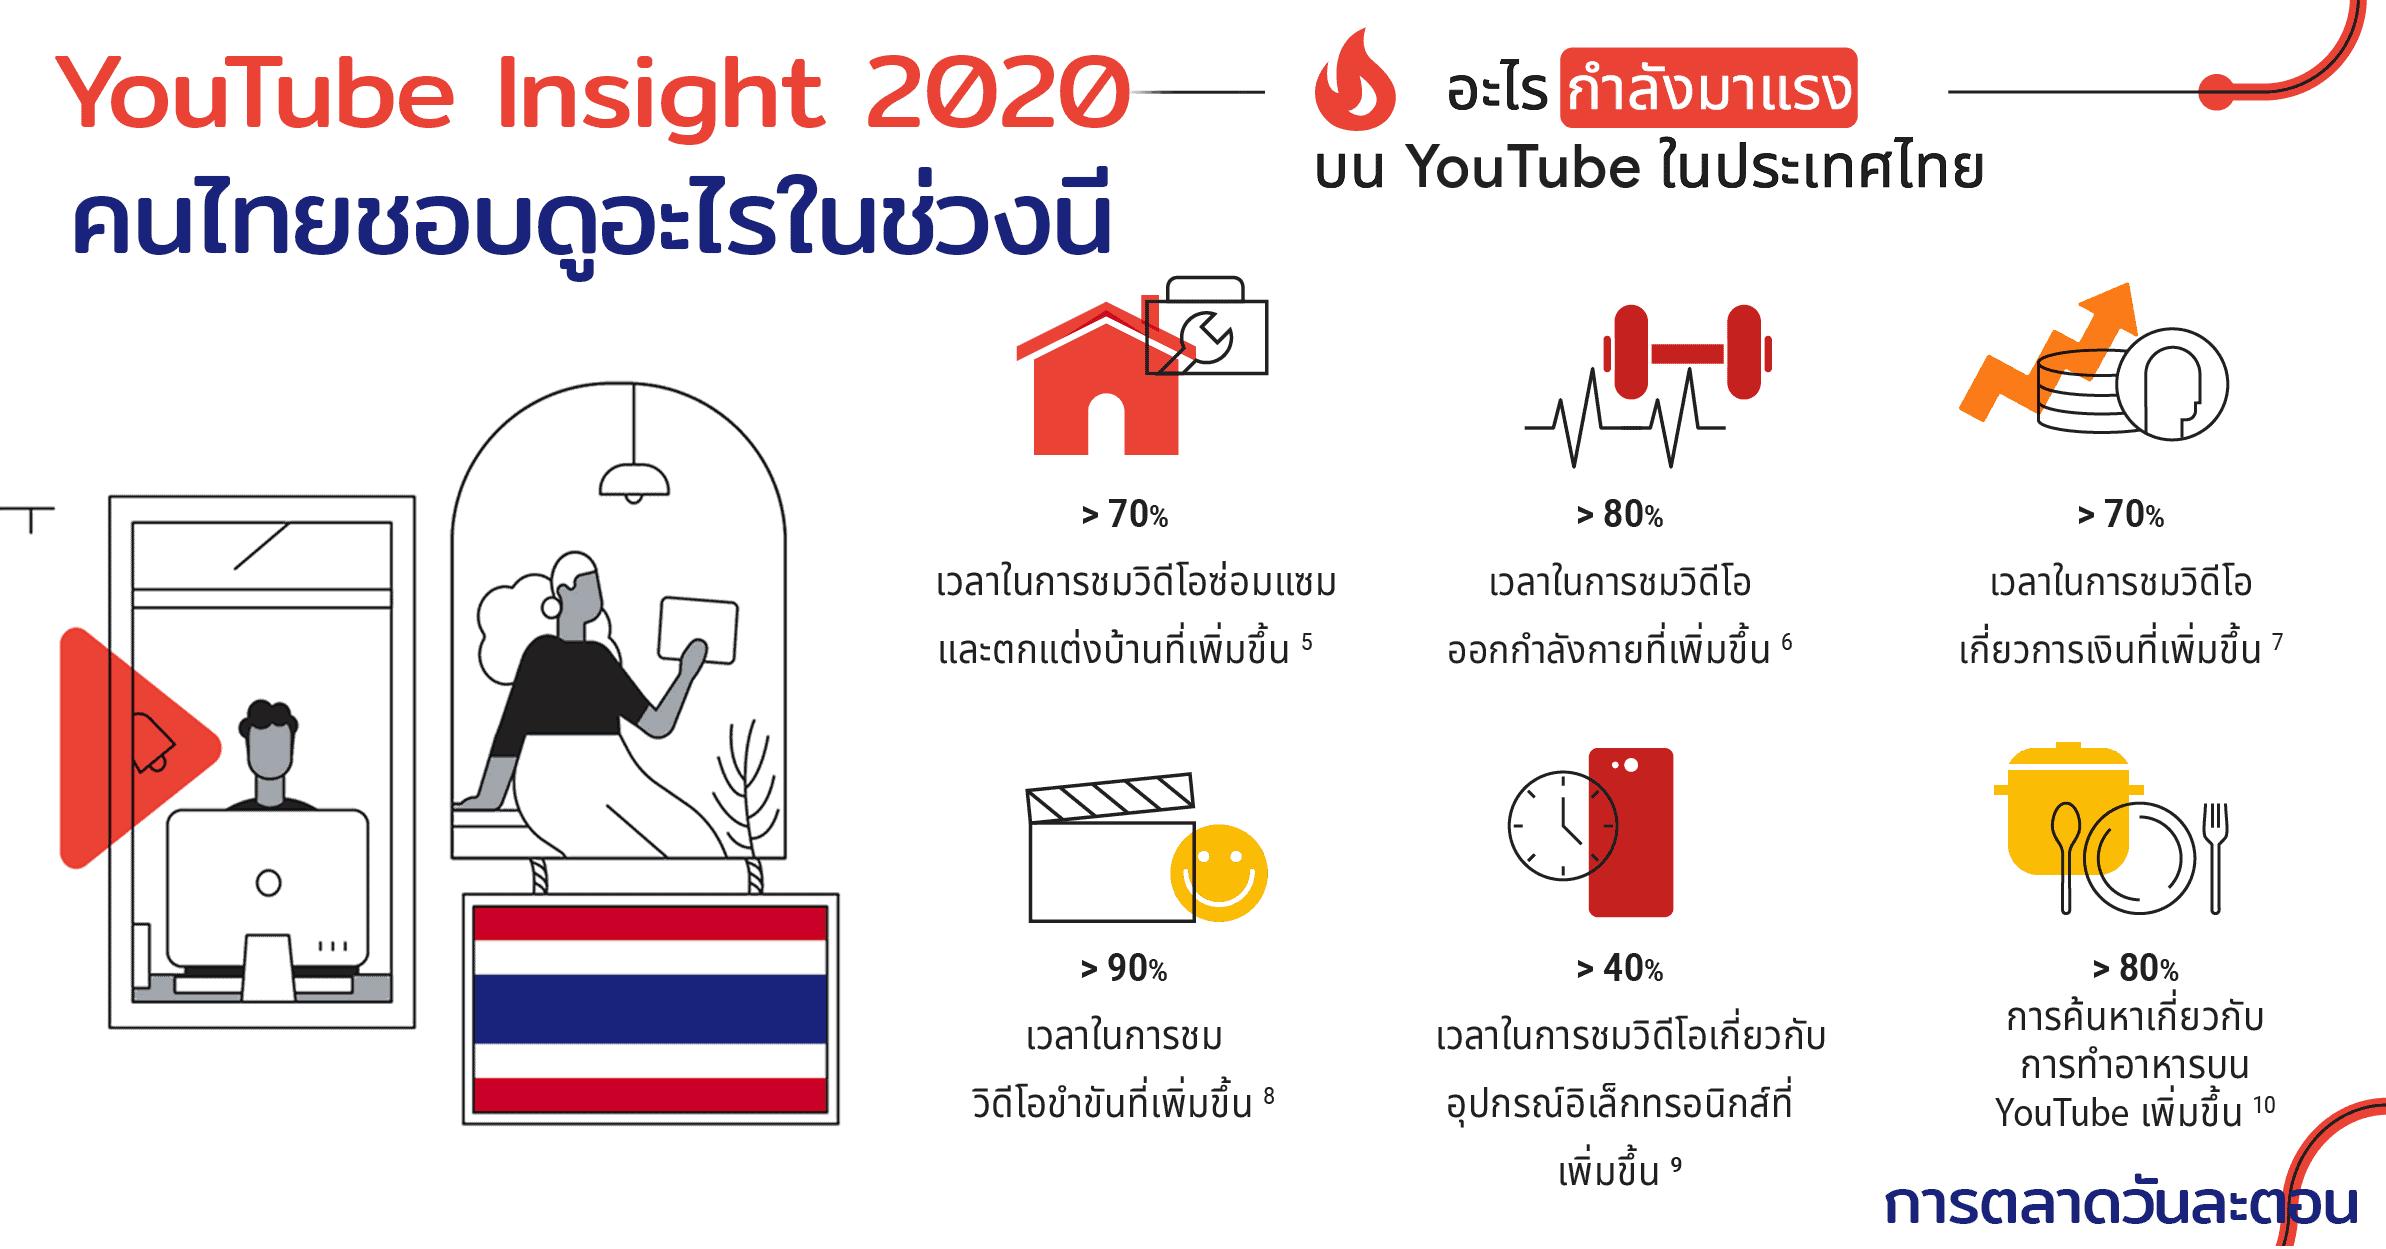 YouTube Insight 2020 คนไทยดูนานขึ้น 20%